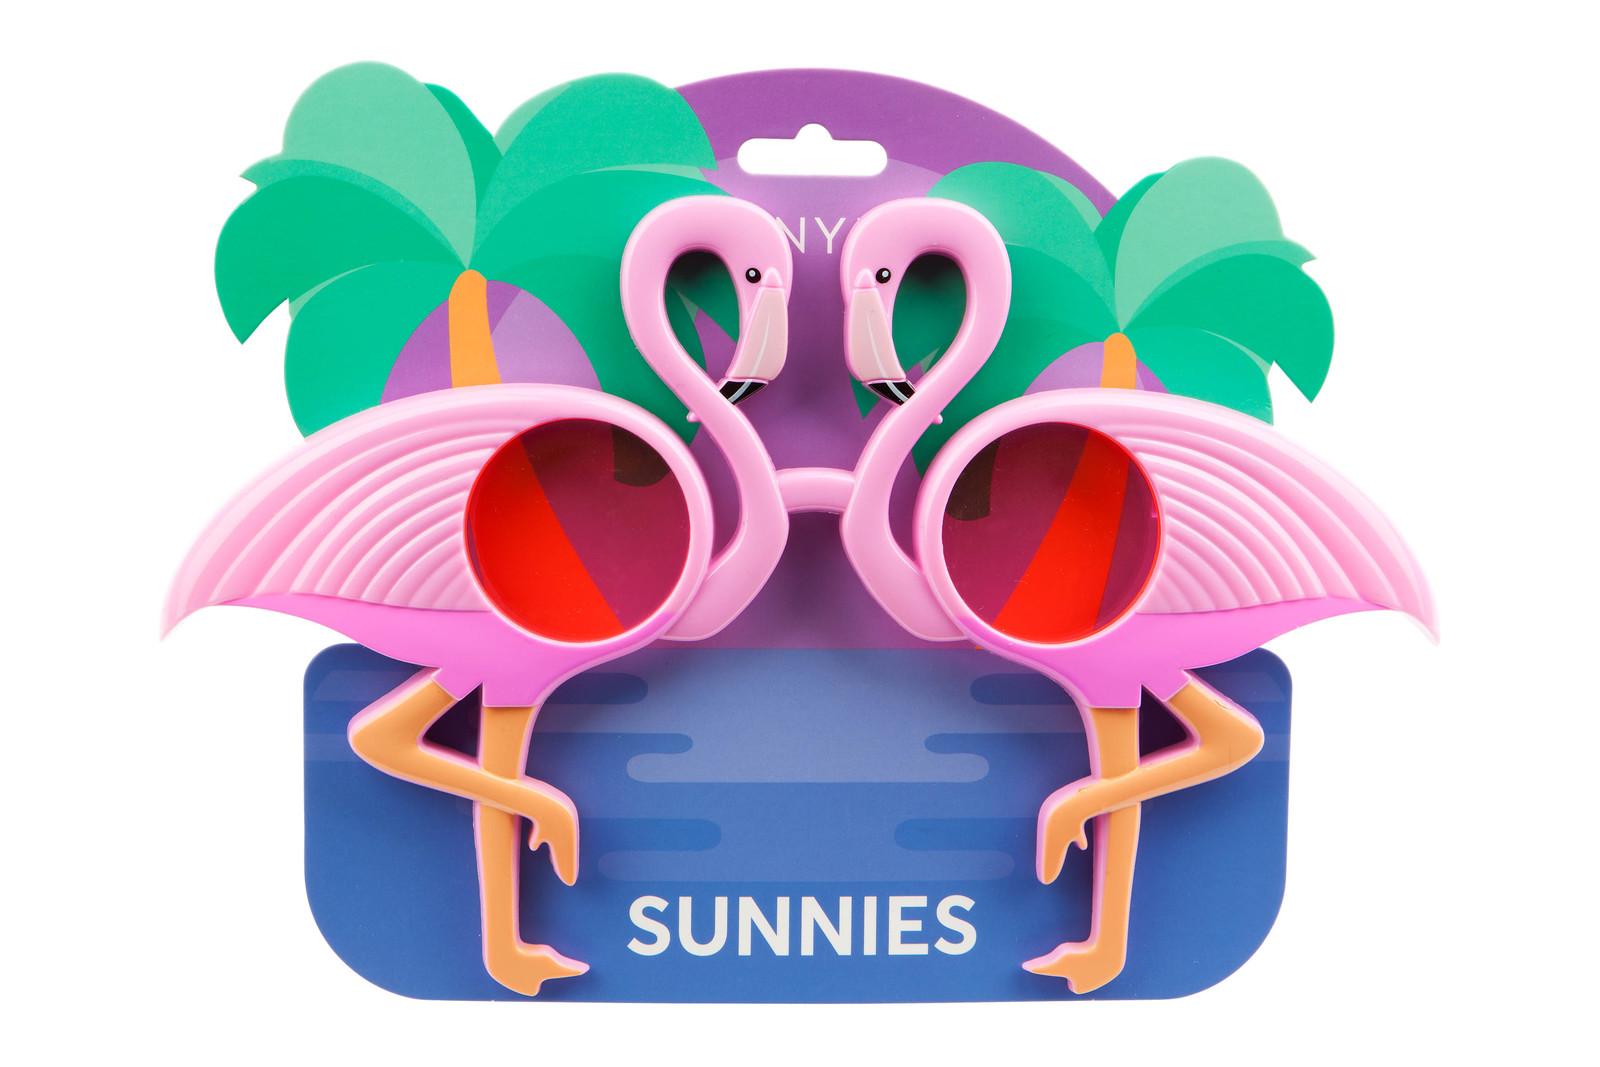 Sunnylife: Sunnies - Flamingo image